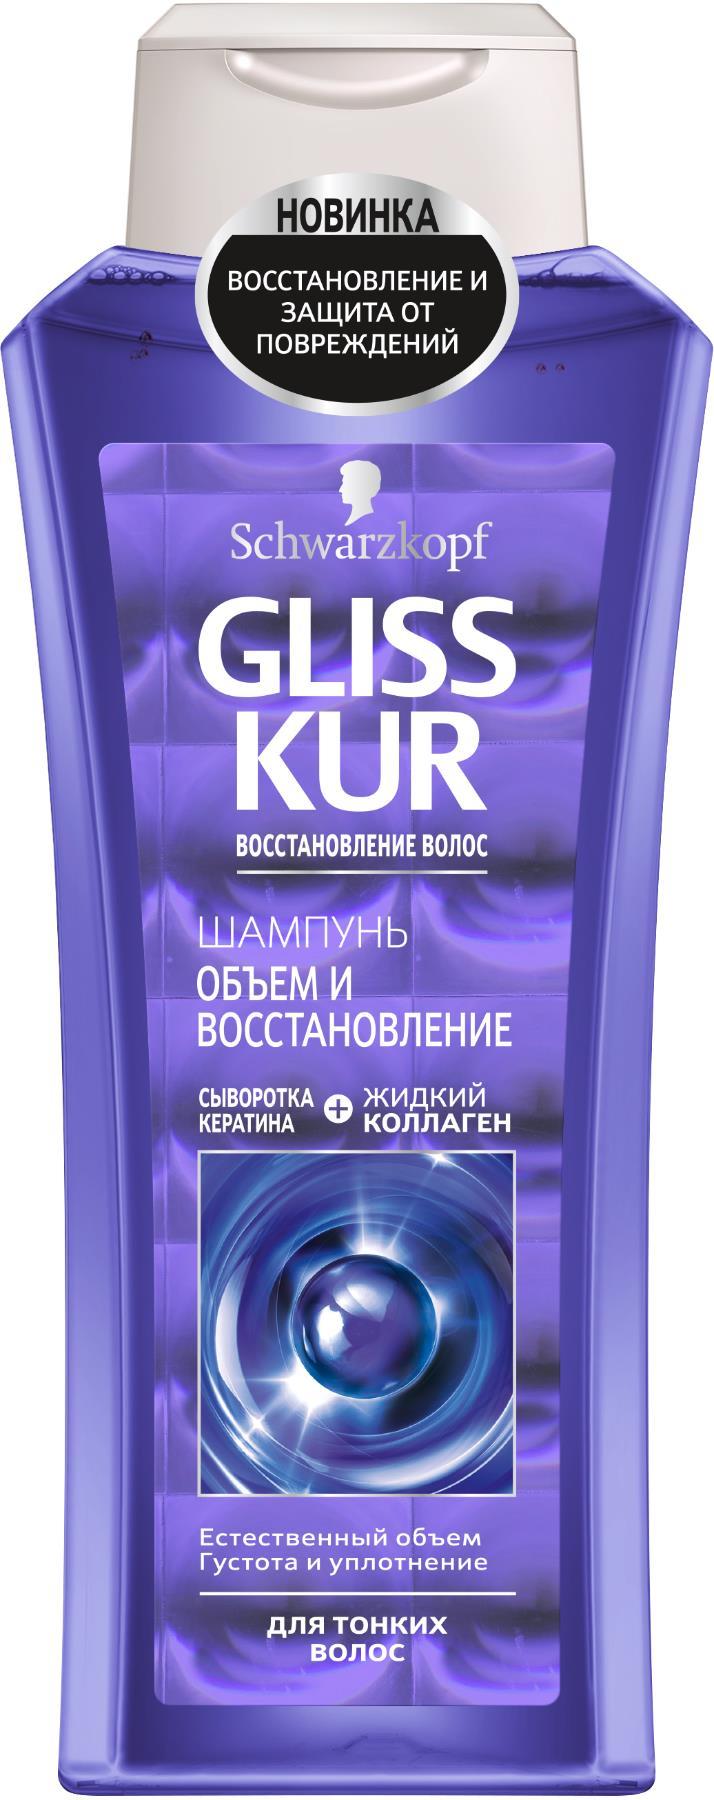 Gliss Kur Шампунь Экстремальный объем, для лишенных объема и тонких волос, 400 мл шампунь gliss kur экстремальный oil эликсир 400 мл